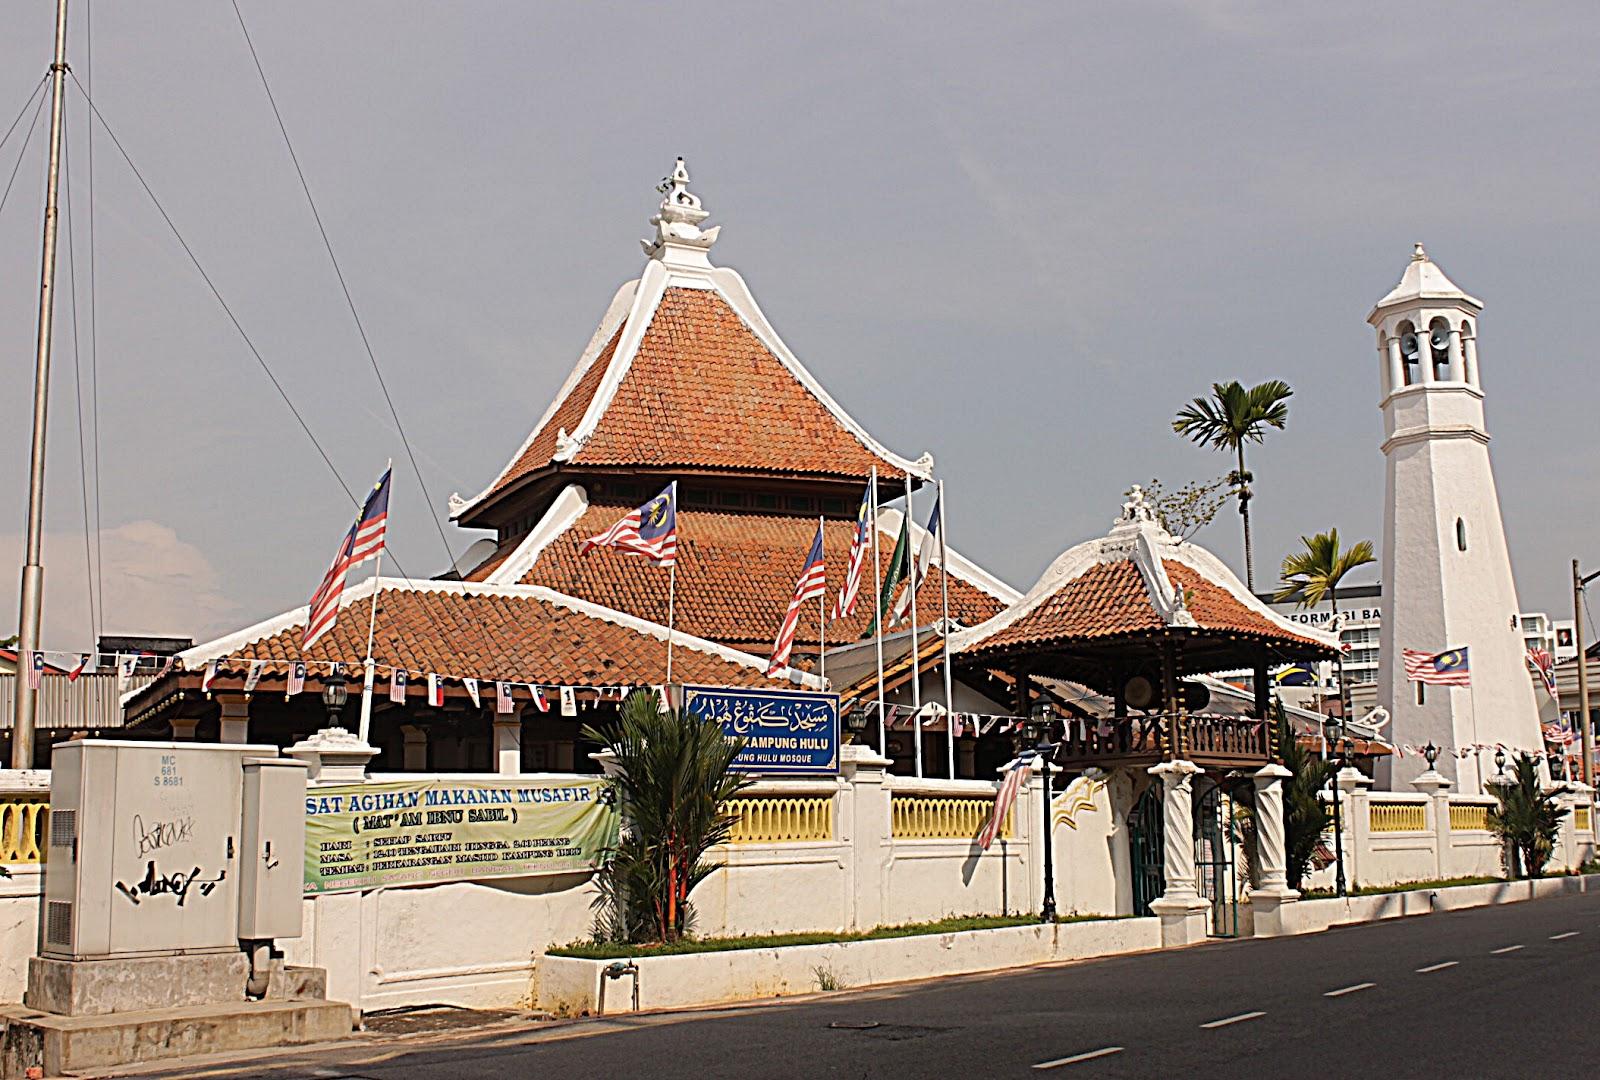 Sang Ekstasi Masjid Kampung Hulu Melaka